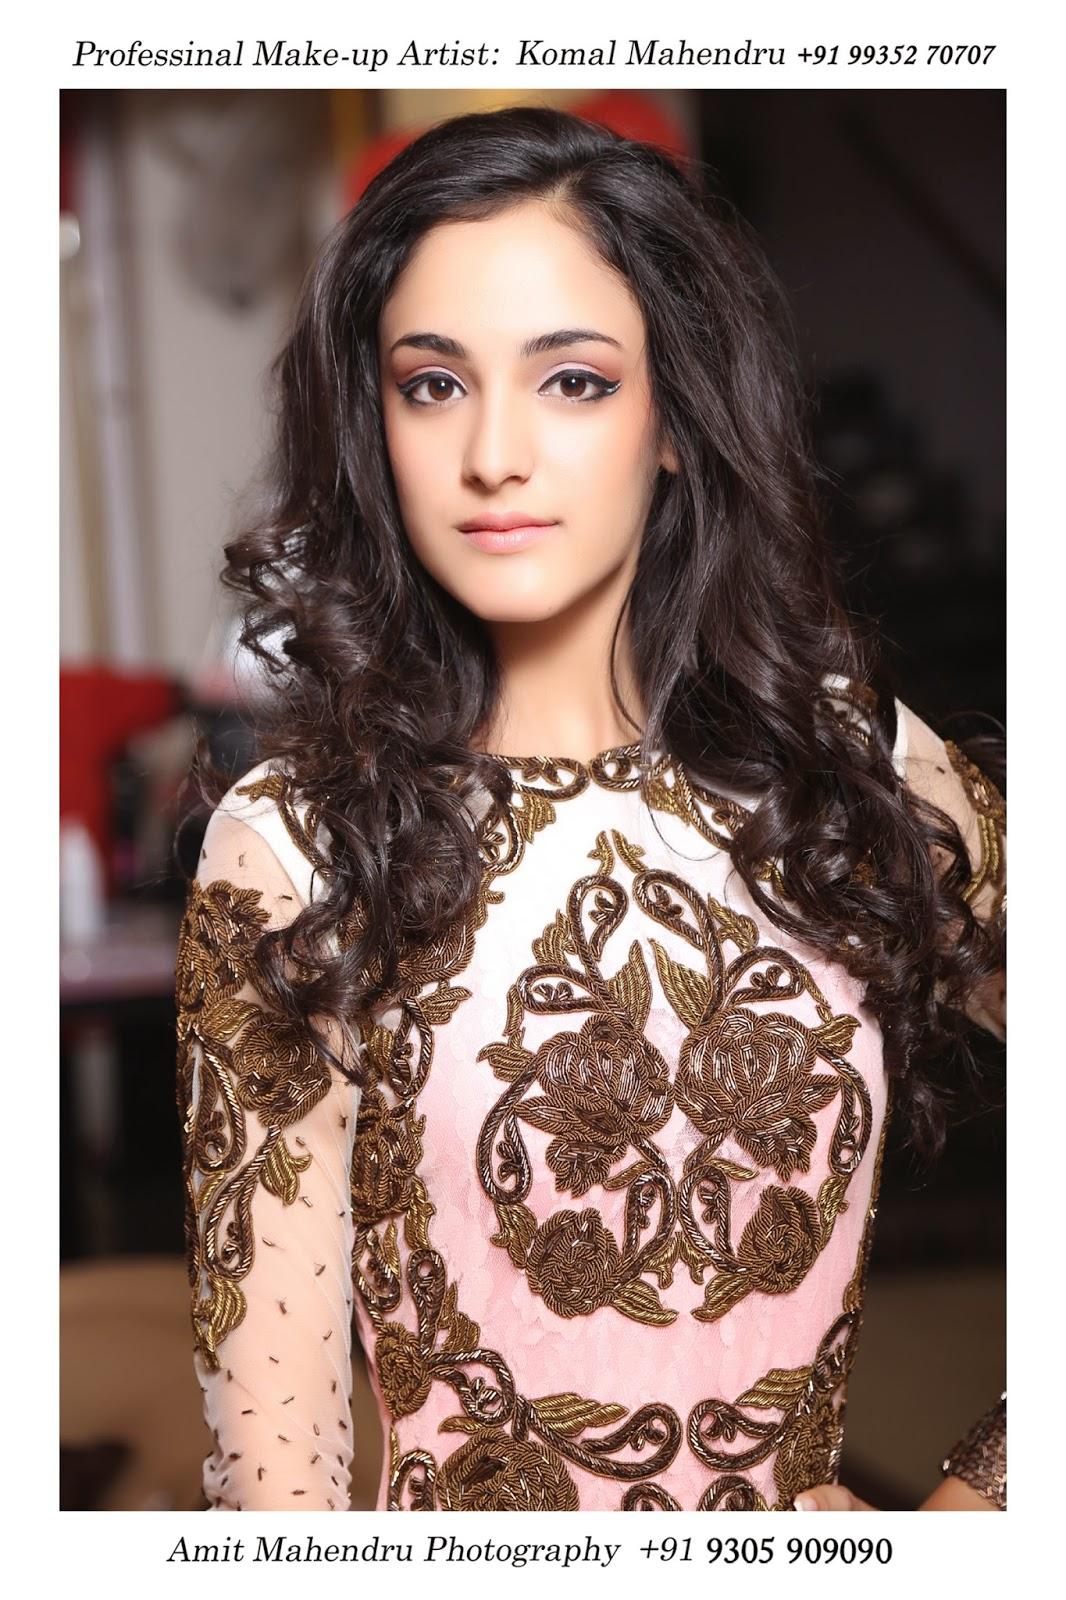 Komal mahendru s professional makeup lucknow india bridal makeup - Makeup Artist In Lucknow